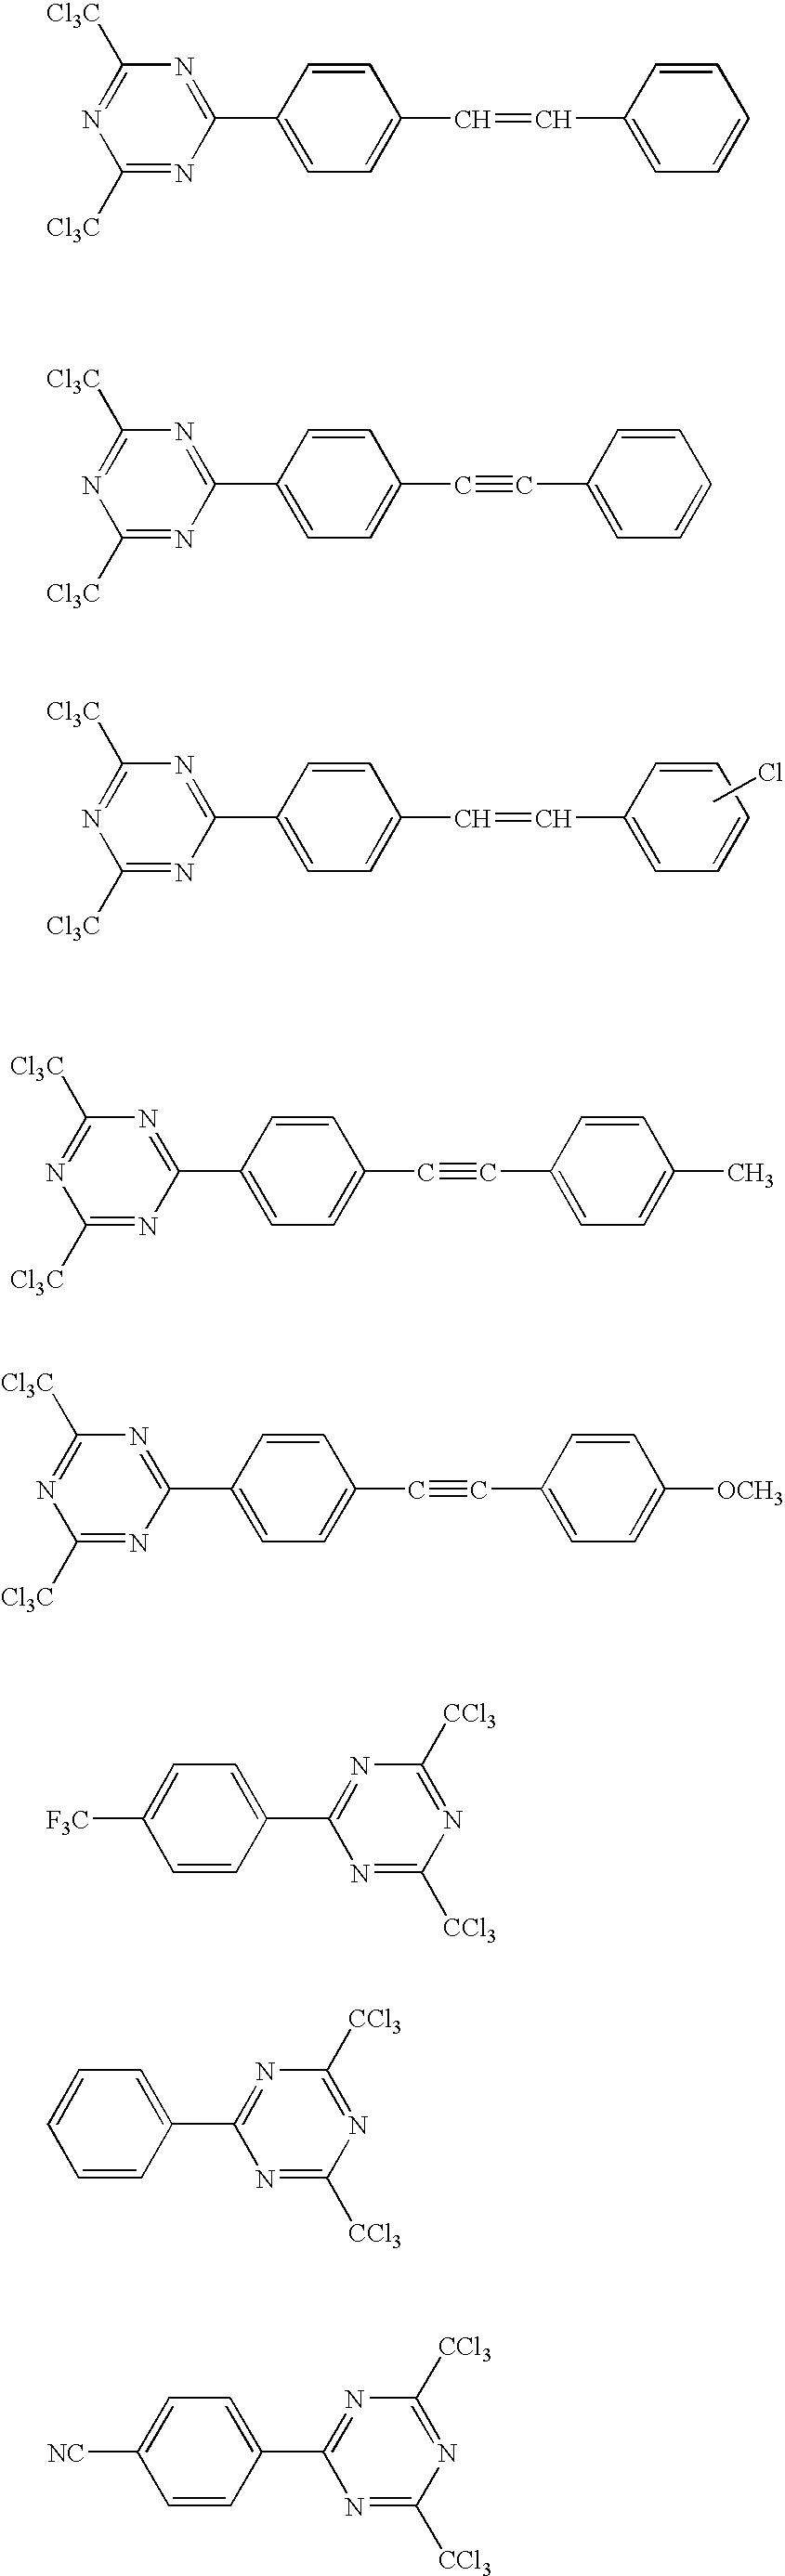 Figure US20090220753A1-20090903-C00026